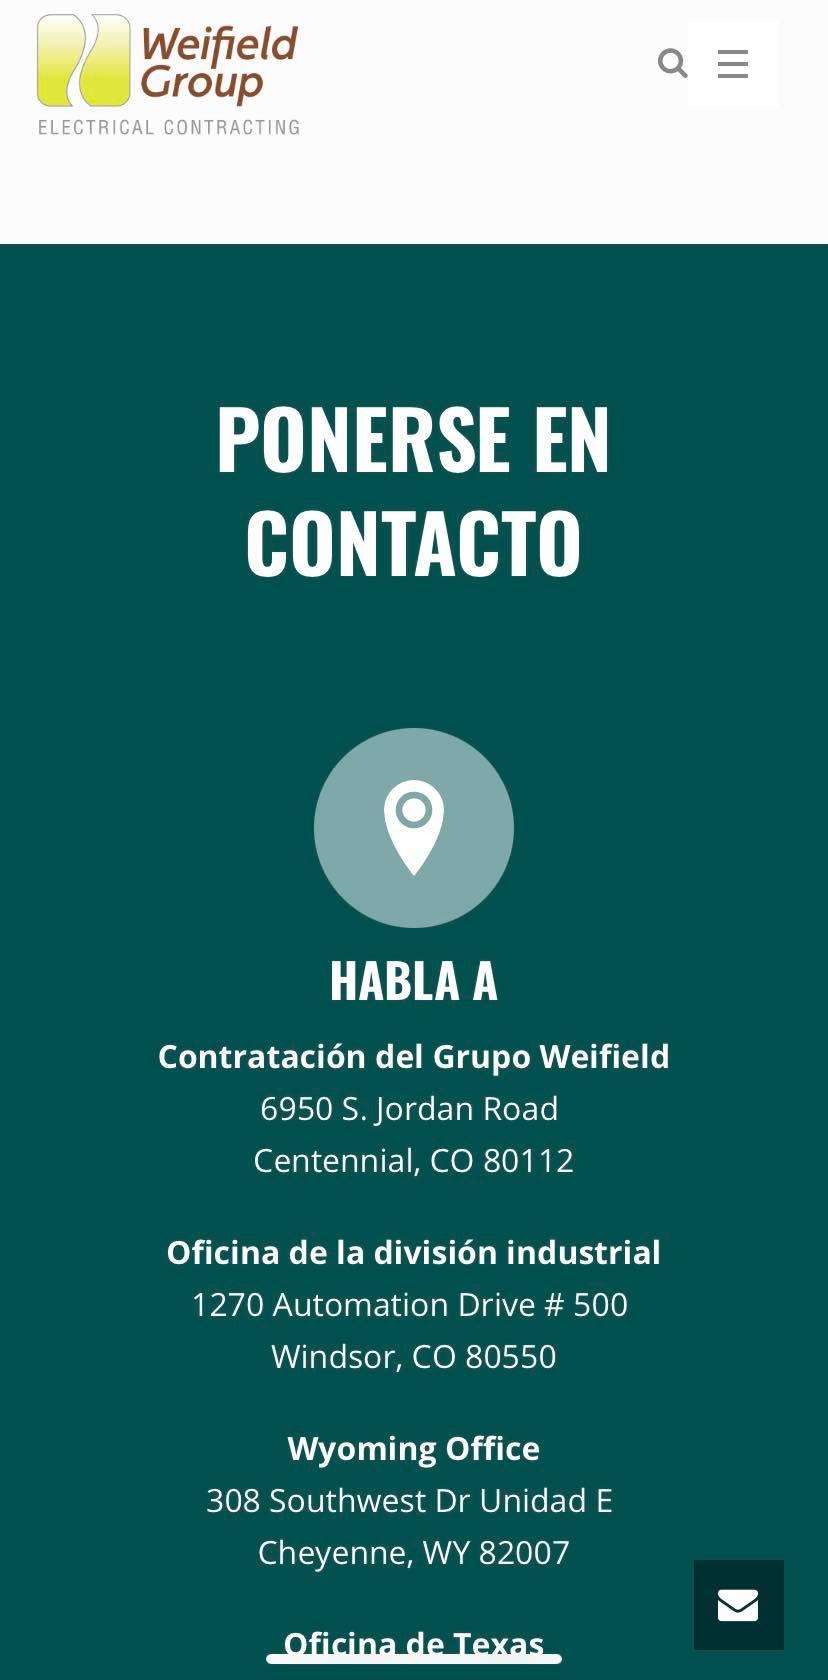 Ejemplo de páginas de contacto versión móvil: Weifield Group Contracting